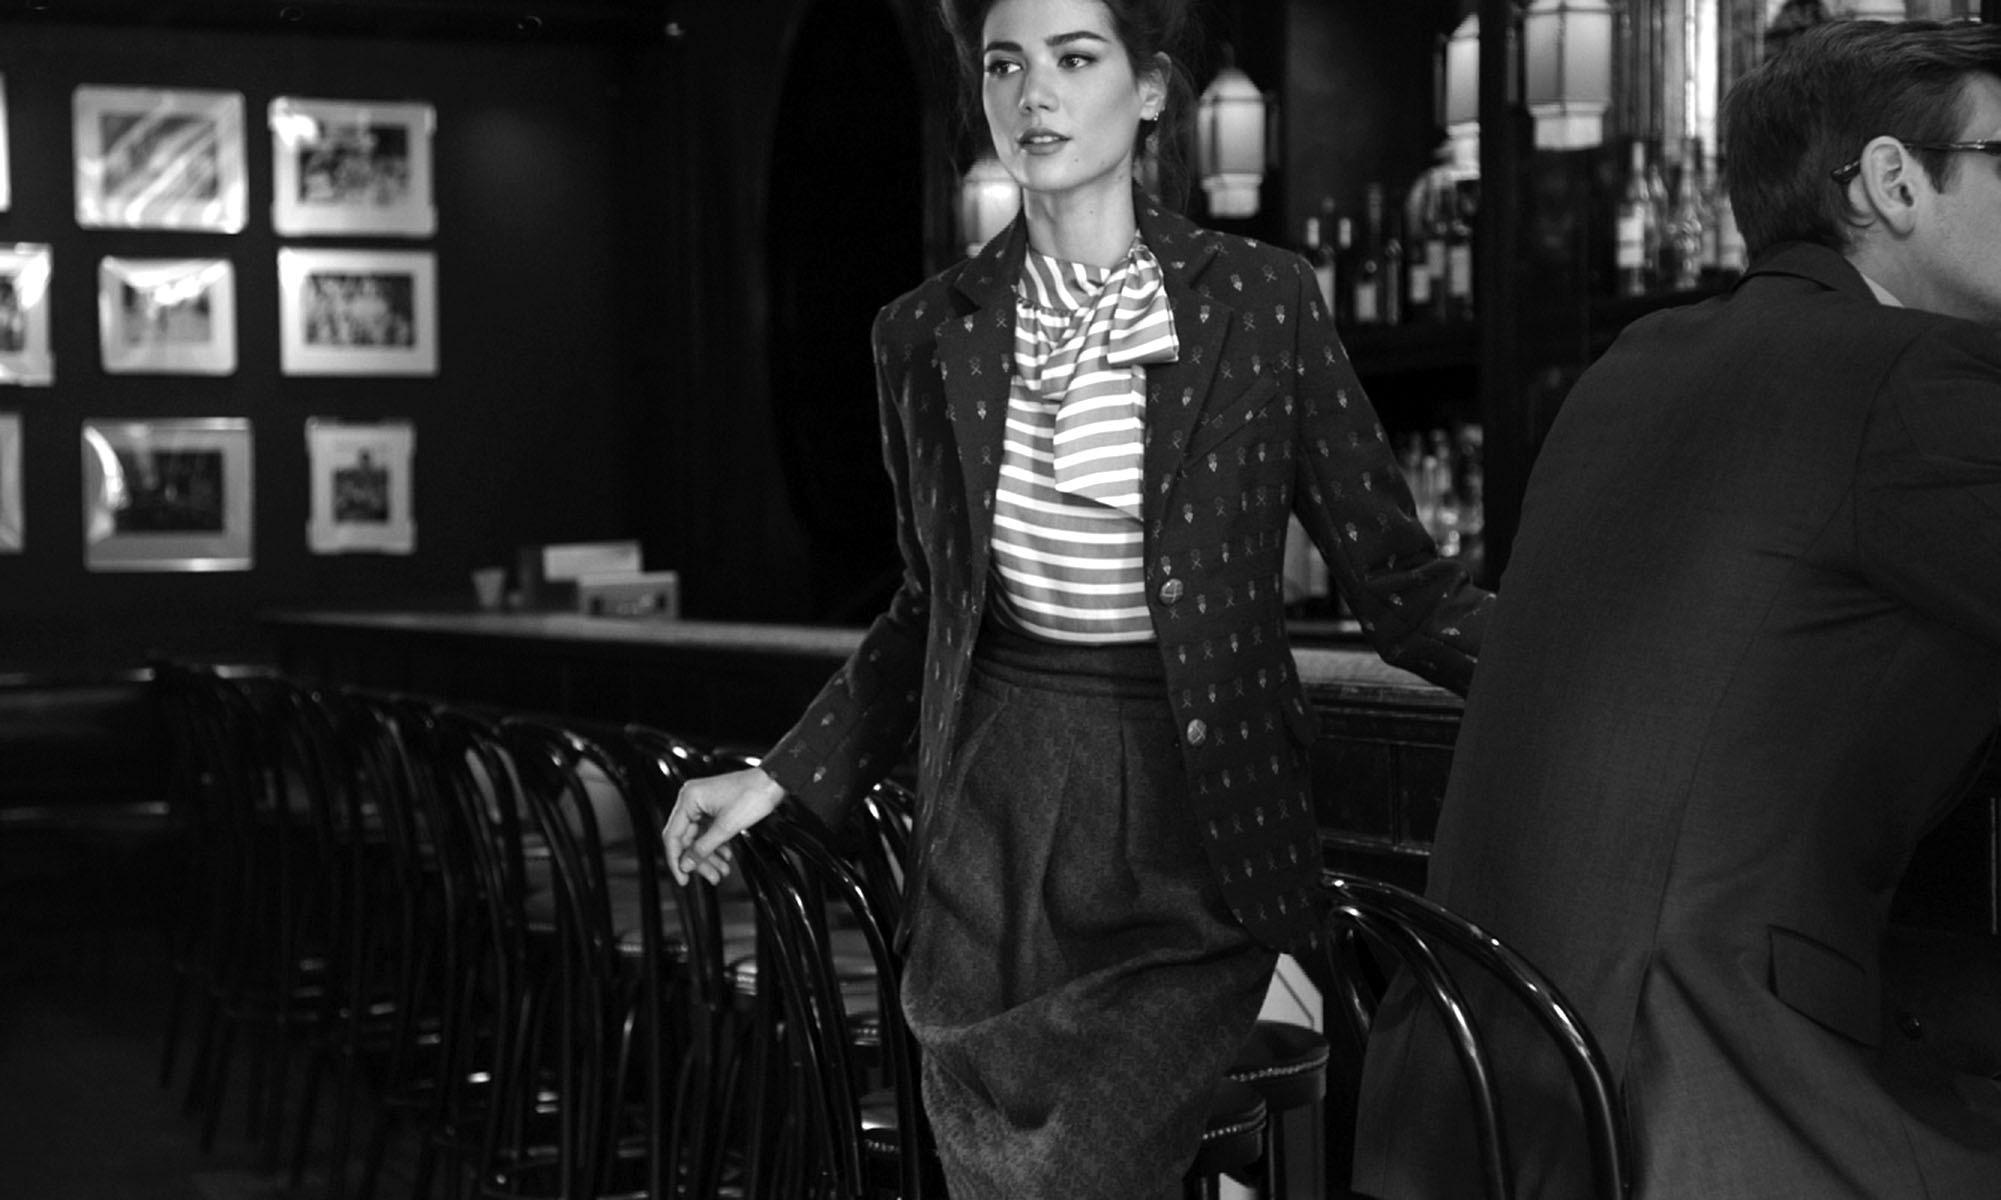 RB_Womens-Fashion-143.jpg